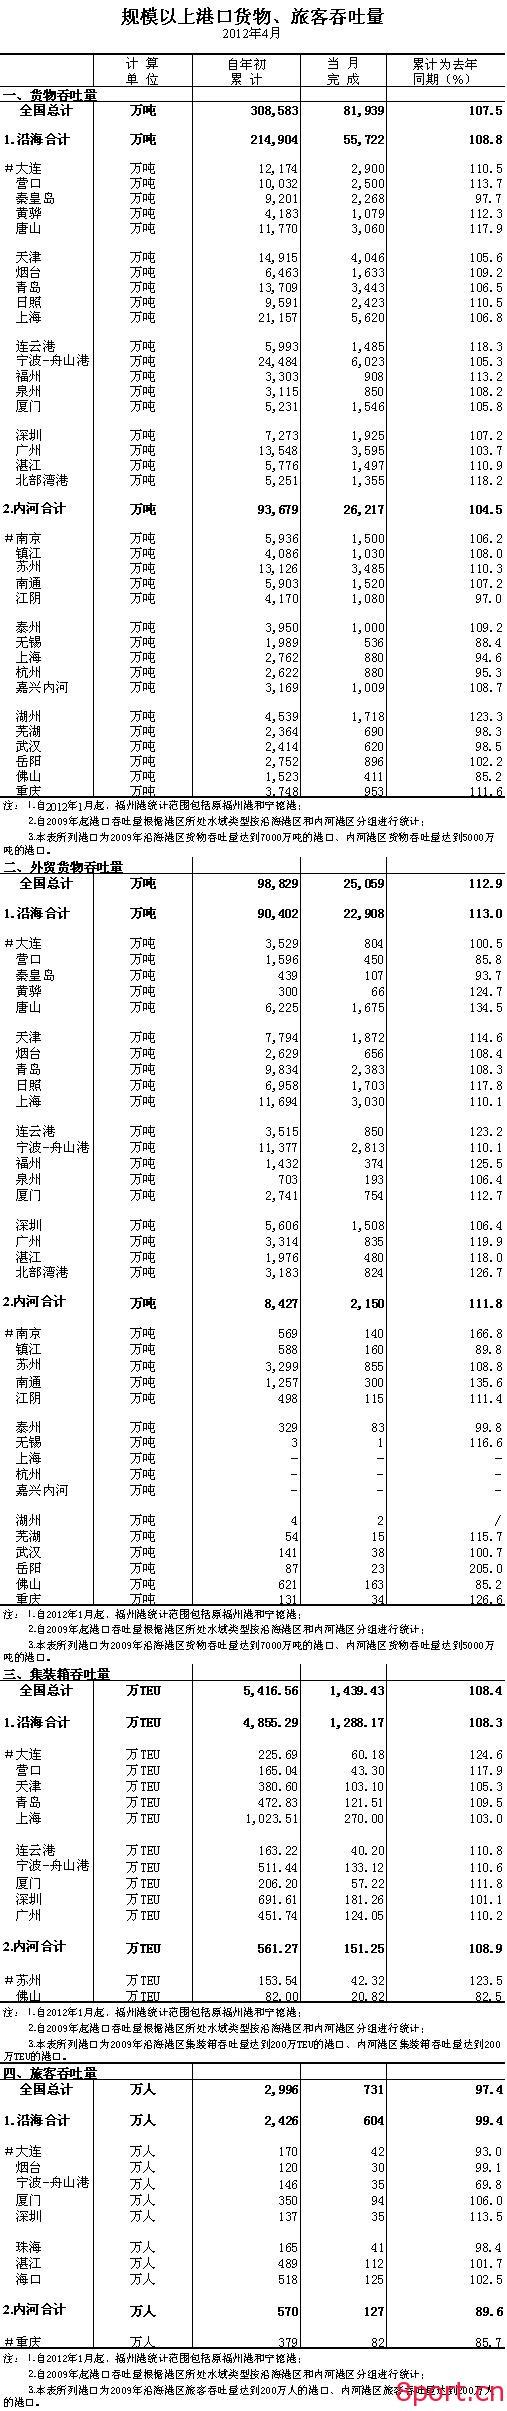 2012年4月规模以上港口货物、旅客吞吐量-港口技术安全网